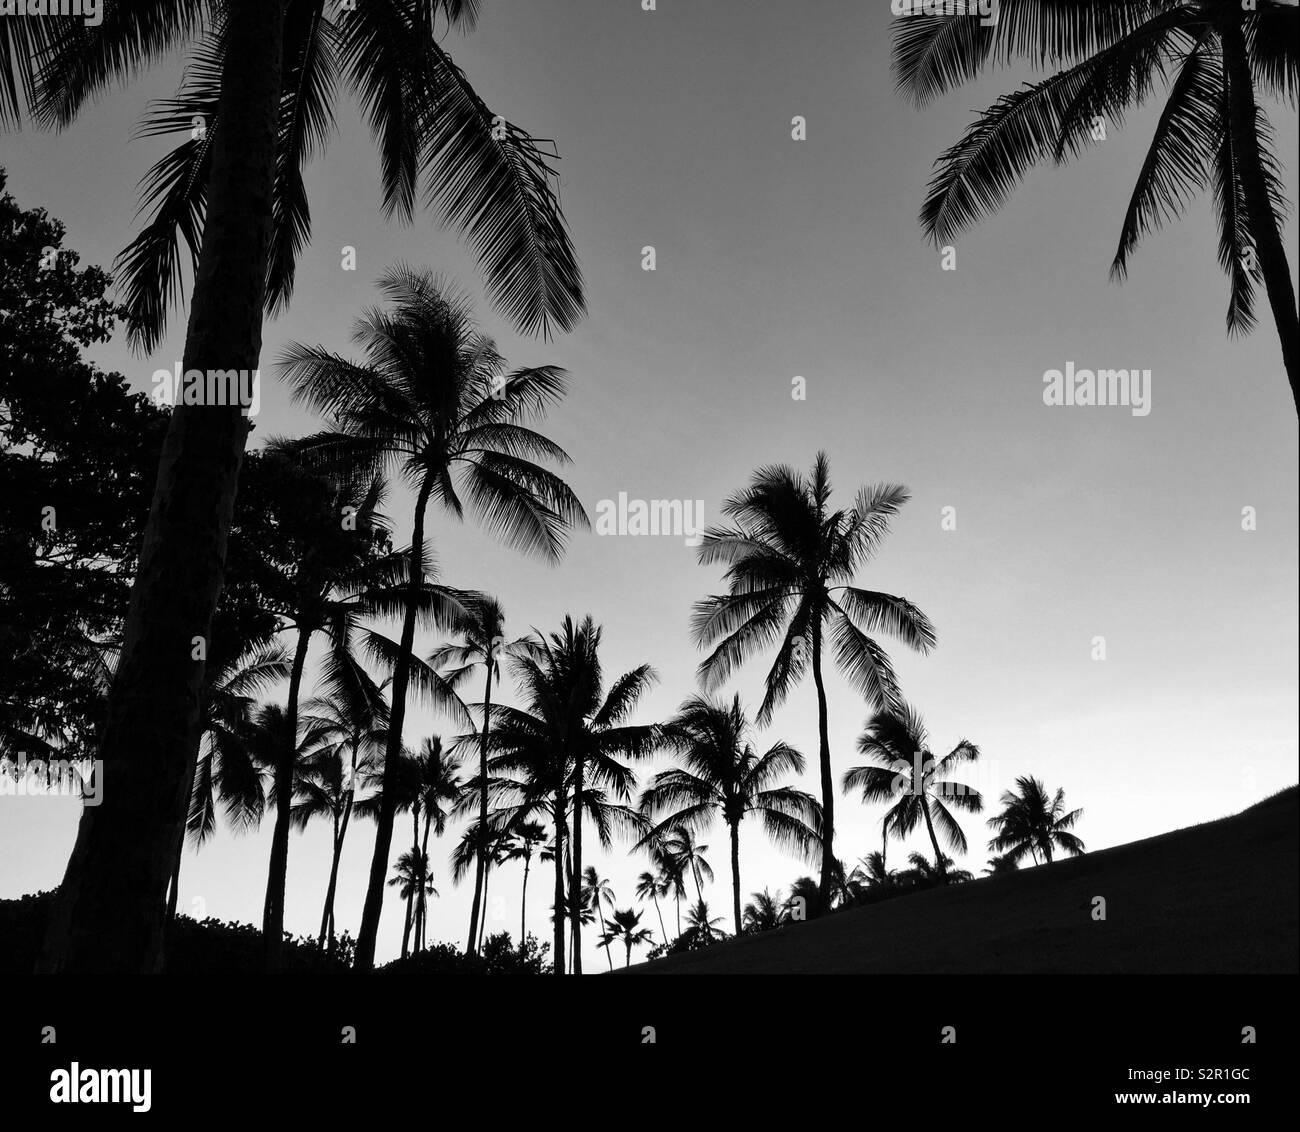 Hain aus Kokospalmen in Schwarz und Weiß Stockfoto